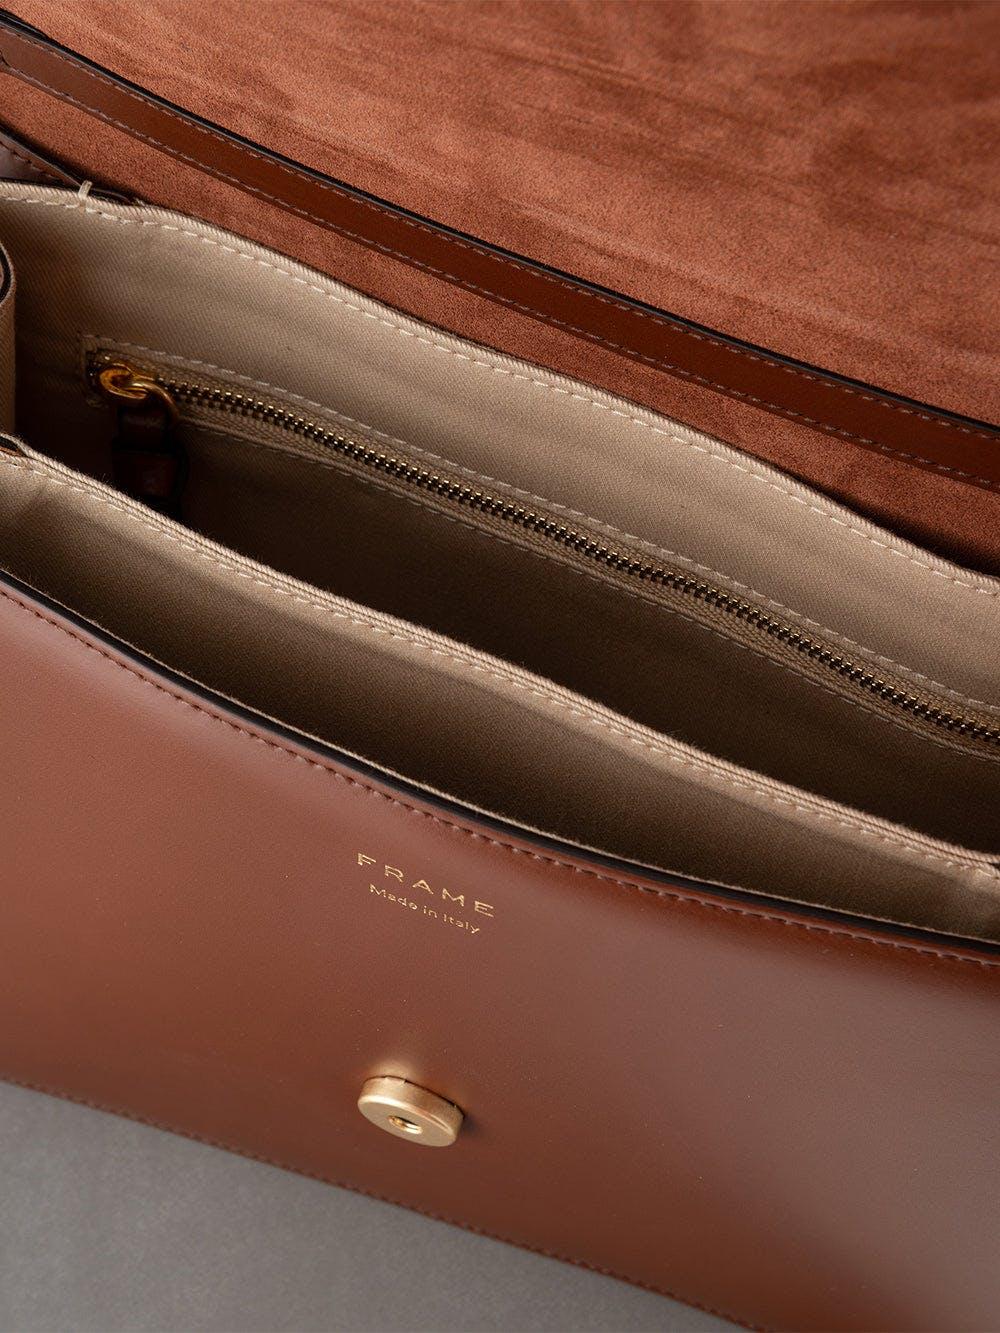 handbag inside view